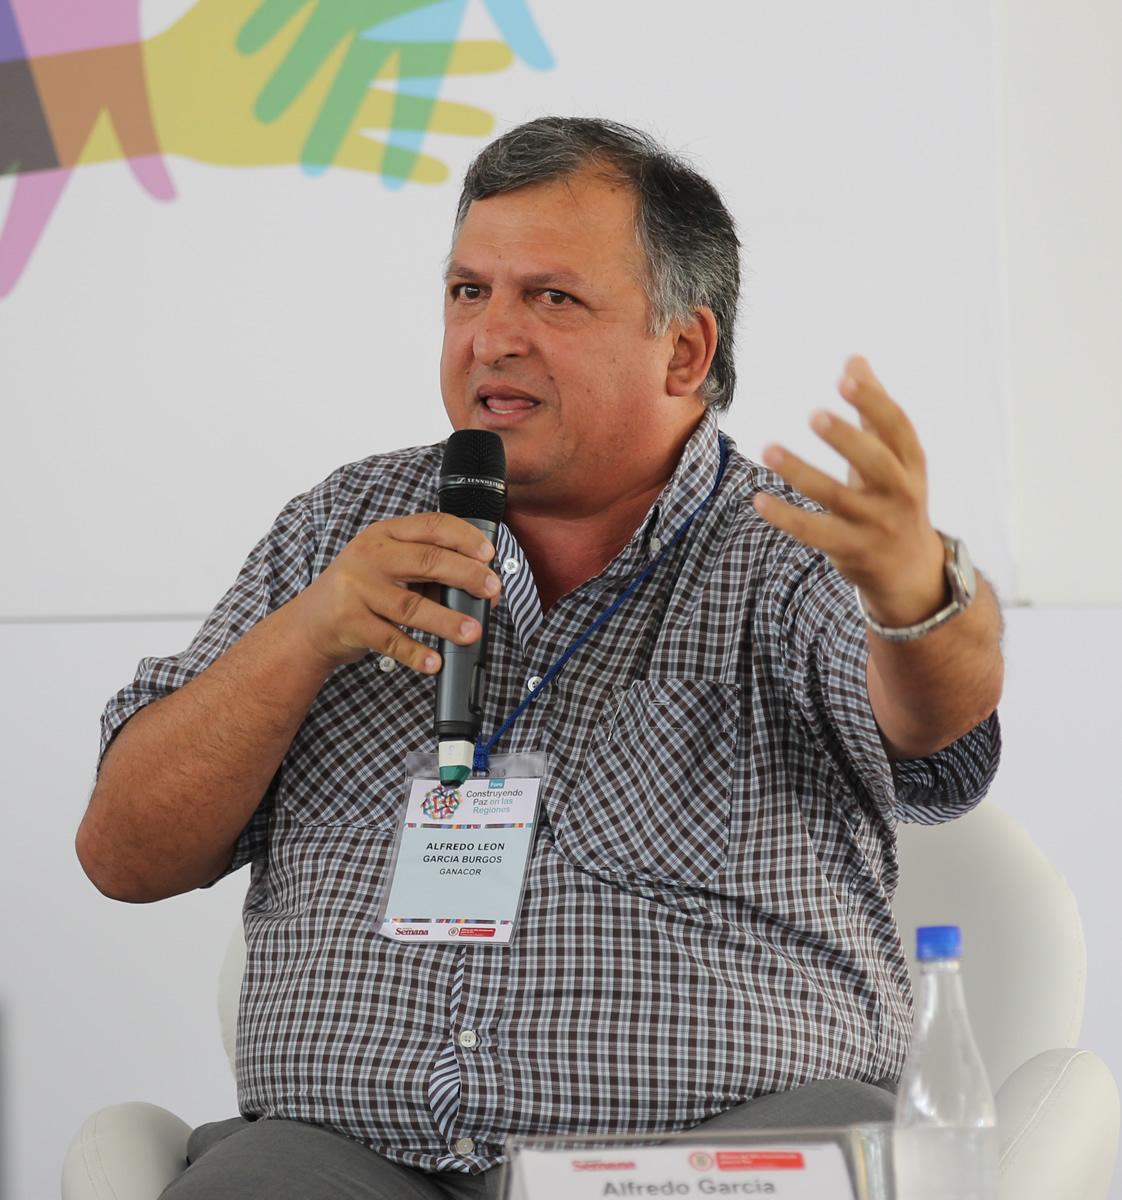 Alfredo García Burgos, presidente de Ganacor y de la Nueva Federación Ganadera